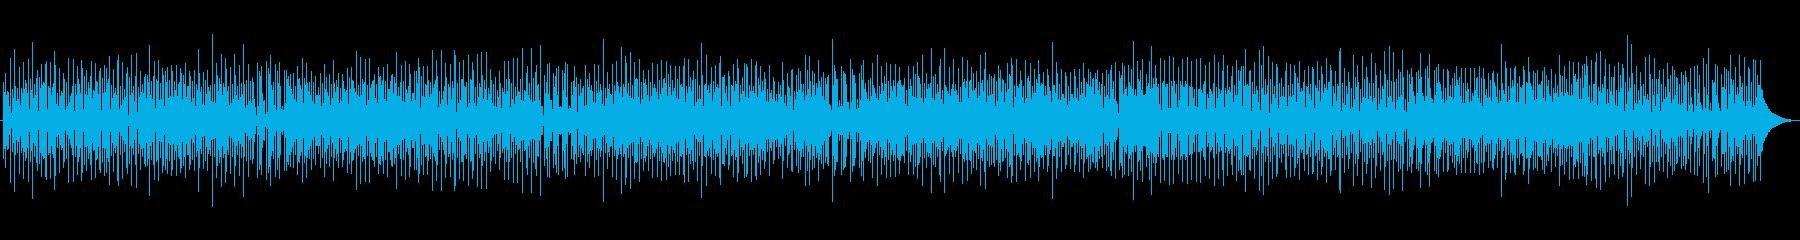 超速いカントリーの再生済みの波形